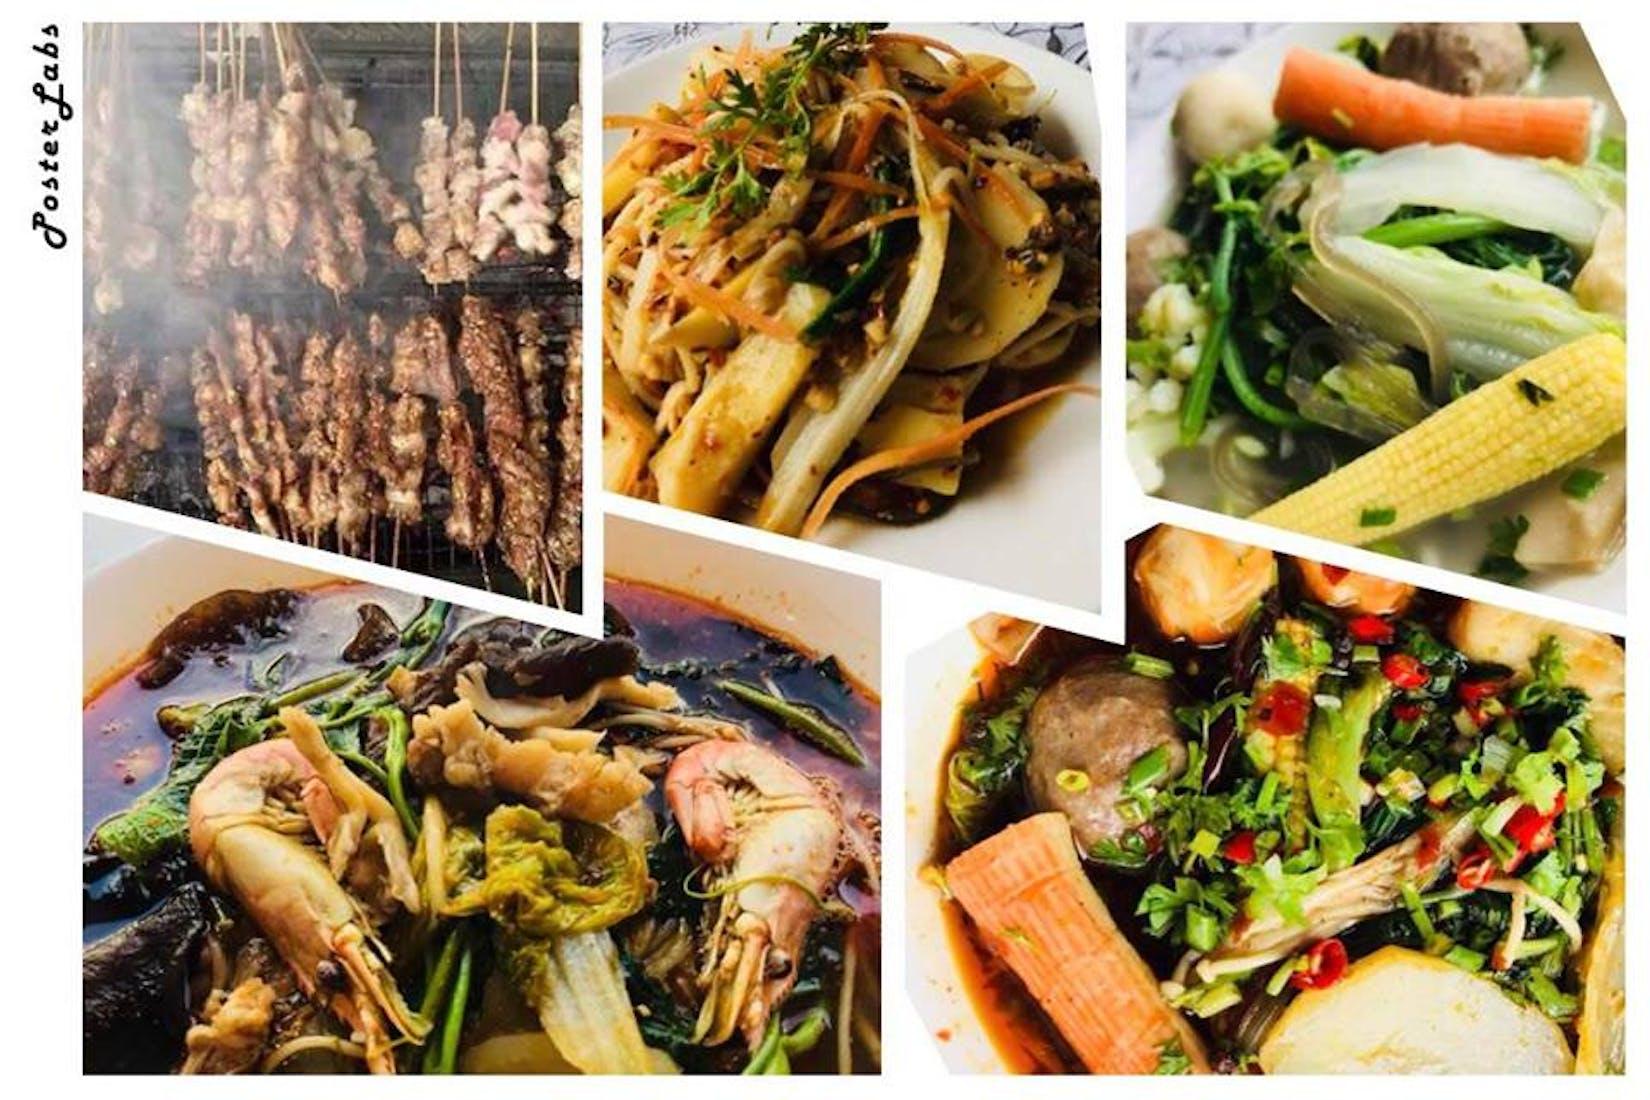 Xiang xiang kitchen   yathar